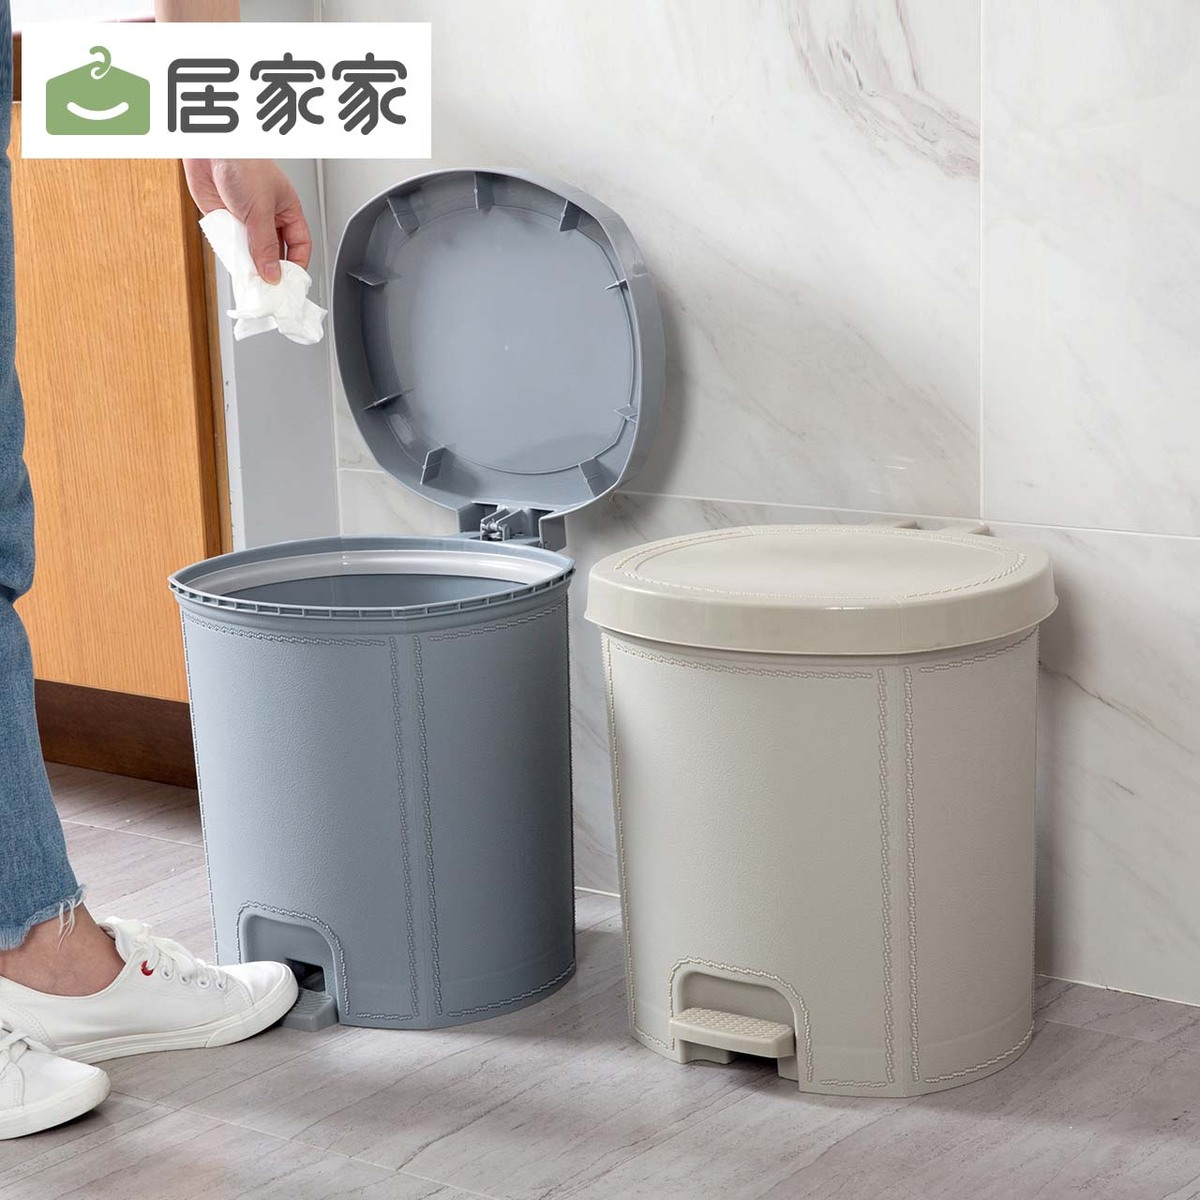 11月16日最新优惠居家家脚踏分类客厅翻盖大号垃圾箱